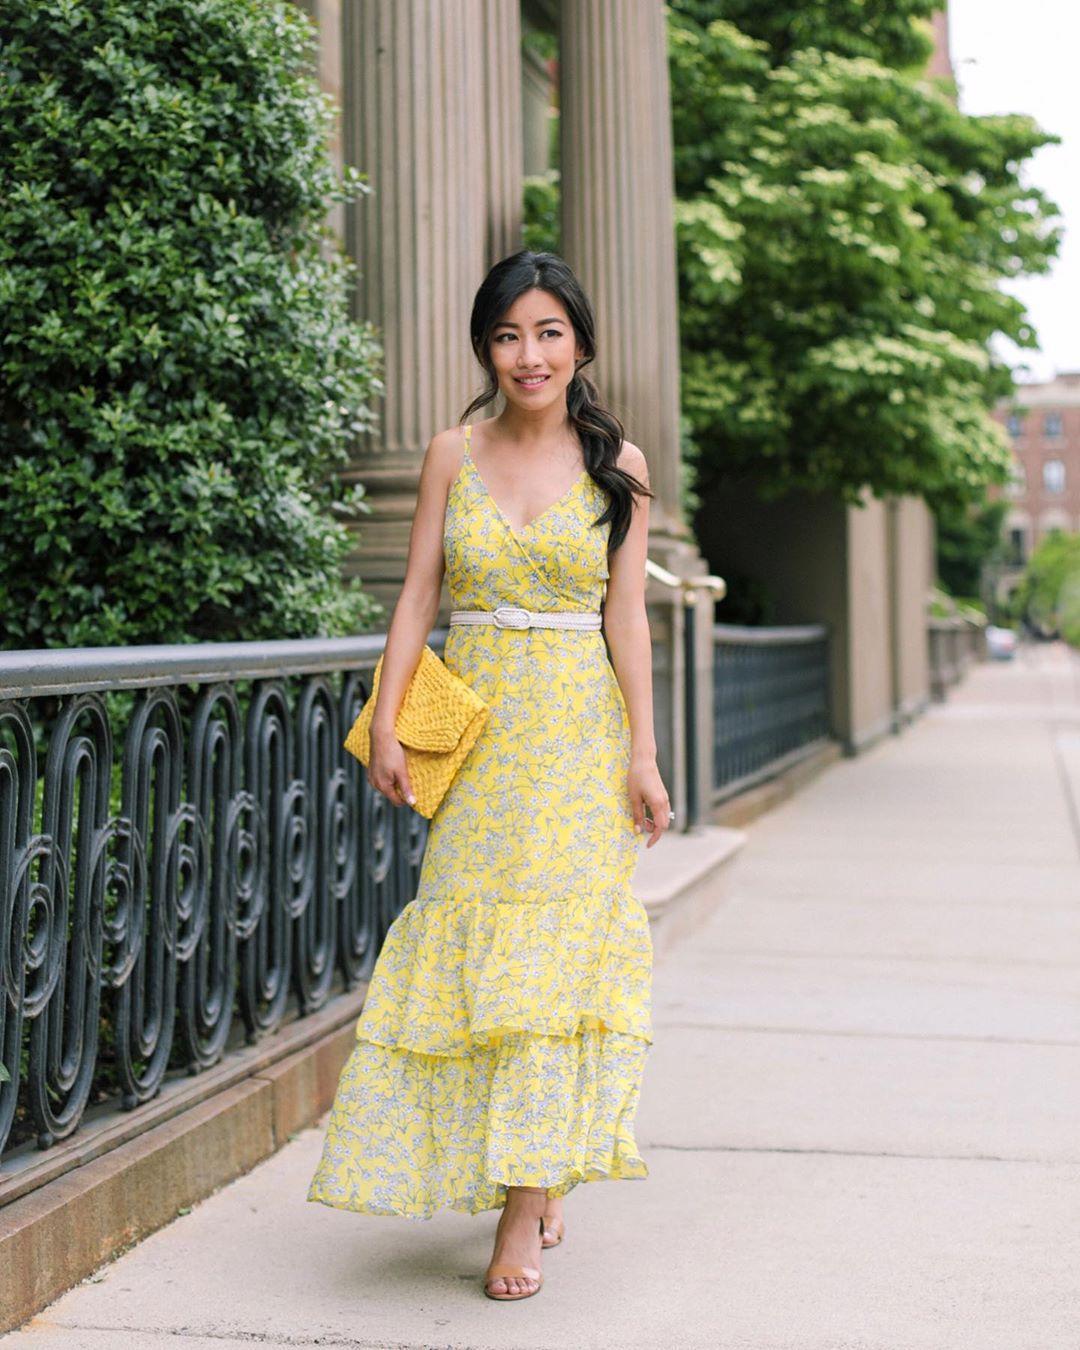 dress maxi dress yellow dress sleeveless dress sandal heels handbag belt